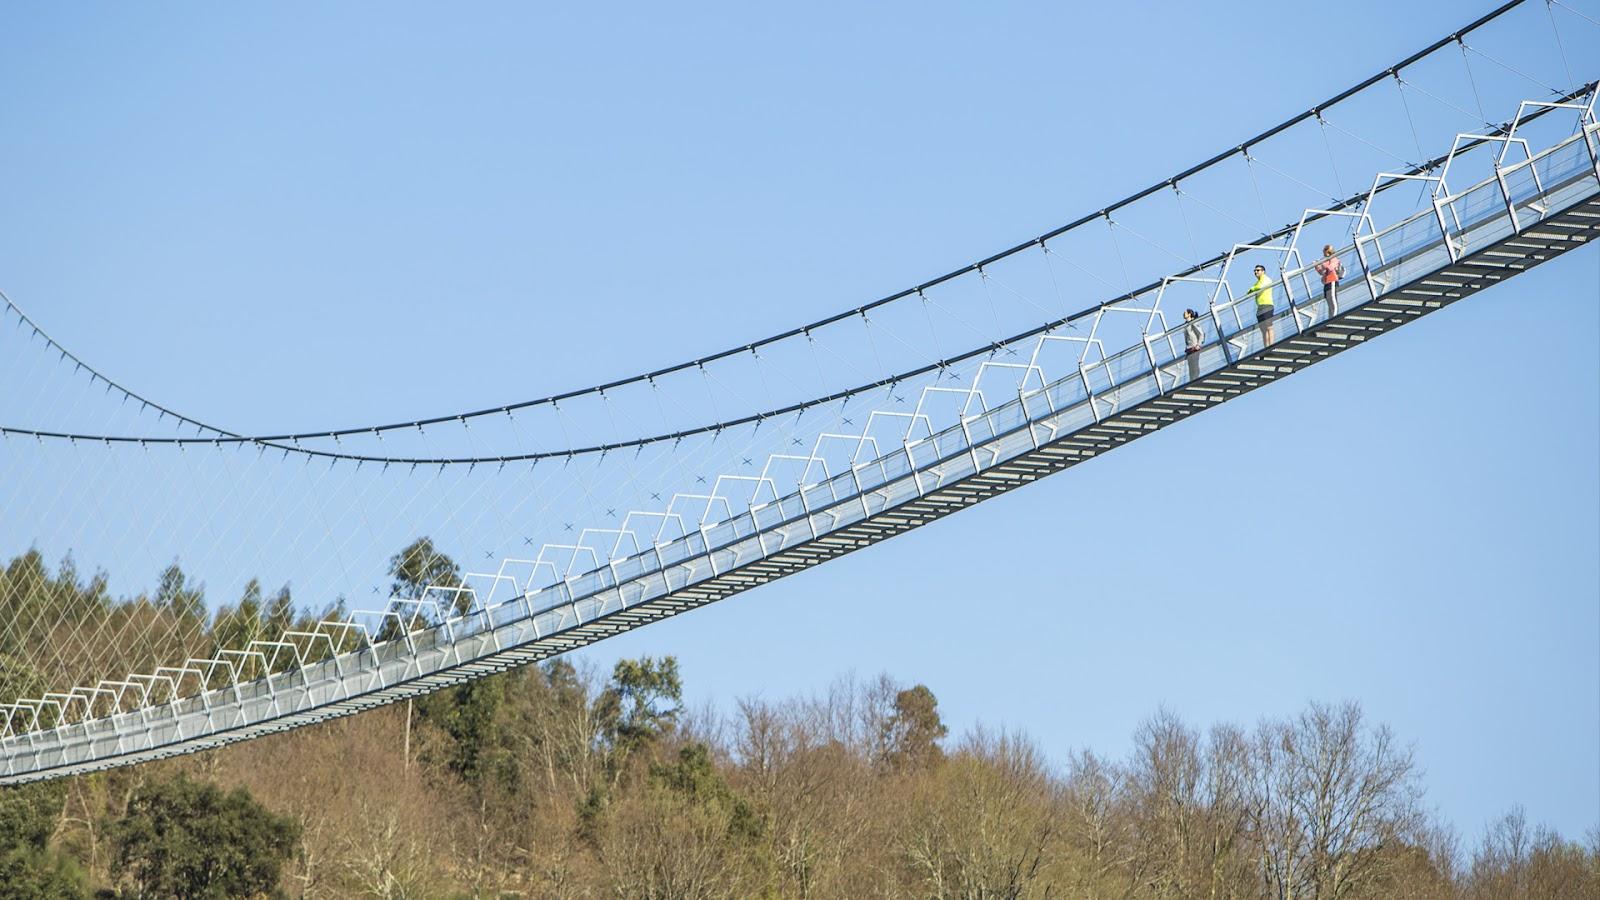 A construção da maior ponte suspensa para pedestres do mundo demandou cerca de quatro anos e 2,1 milhões de euros. (Fonte: 516 Arouca/Divulgação)